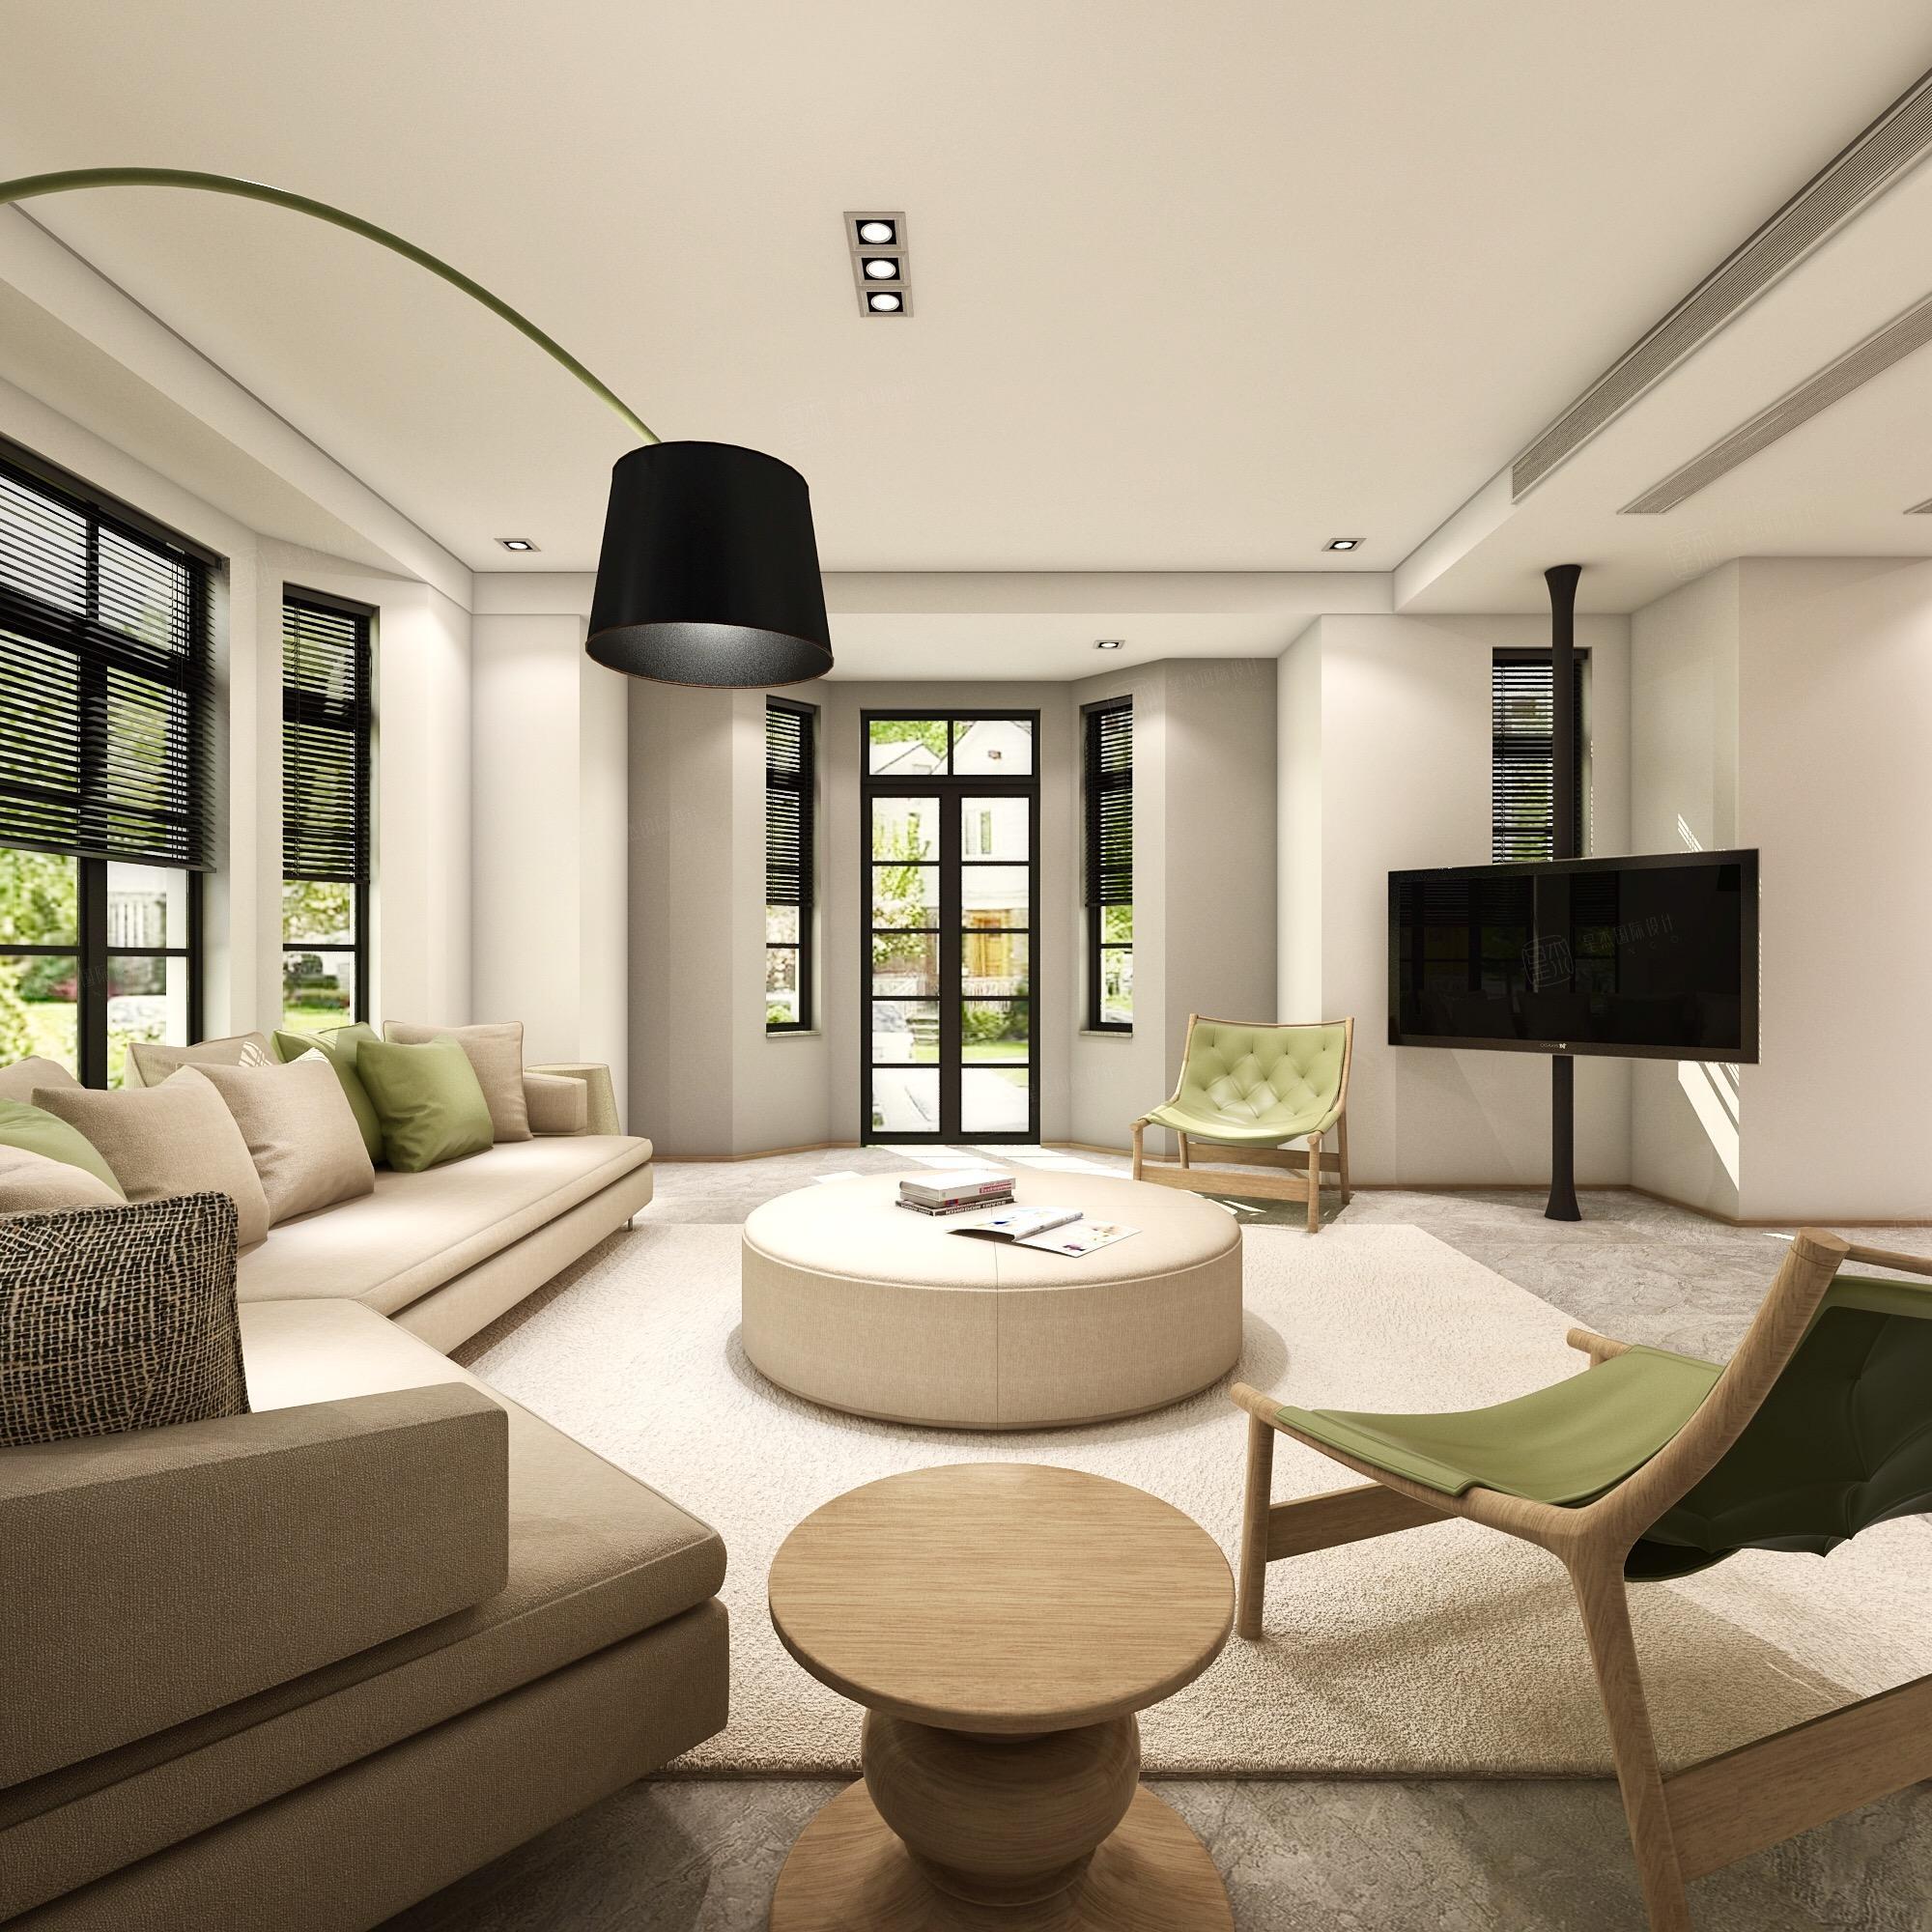 中金海棠湾 韩式现代简约装修客厅效果图